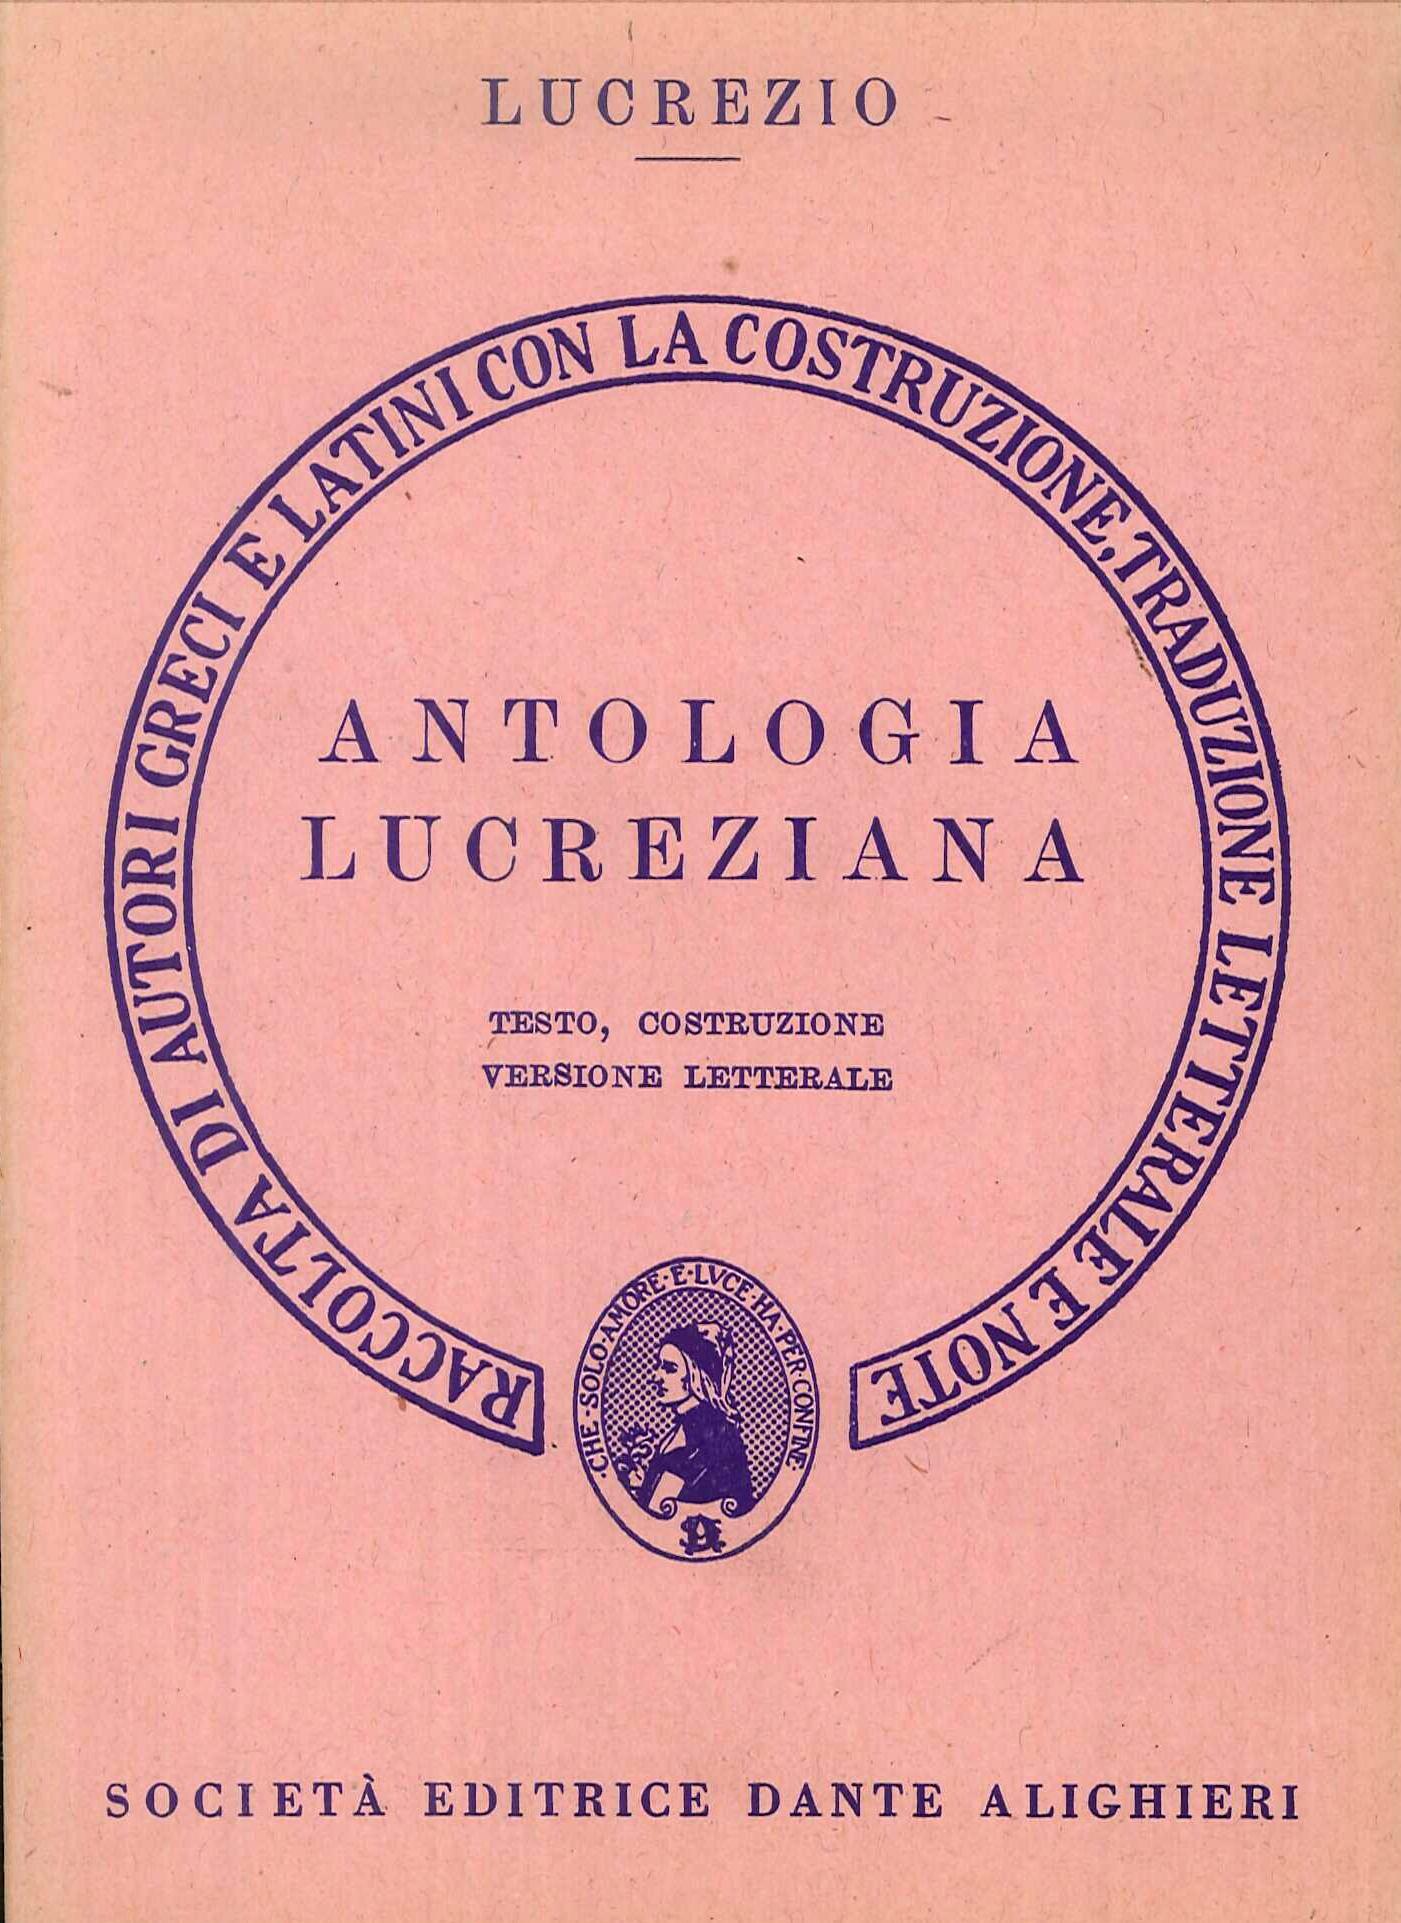 Antologia lucreziana. Versione interlineare